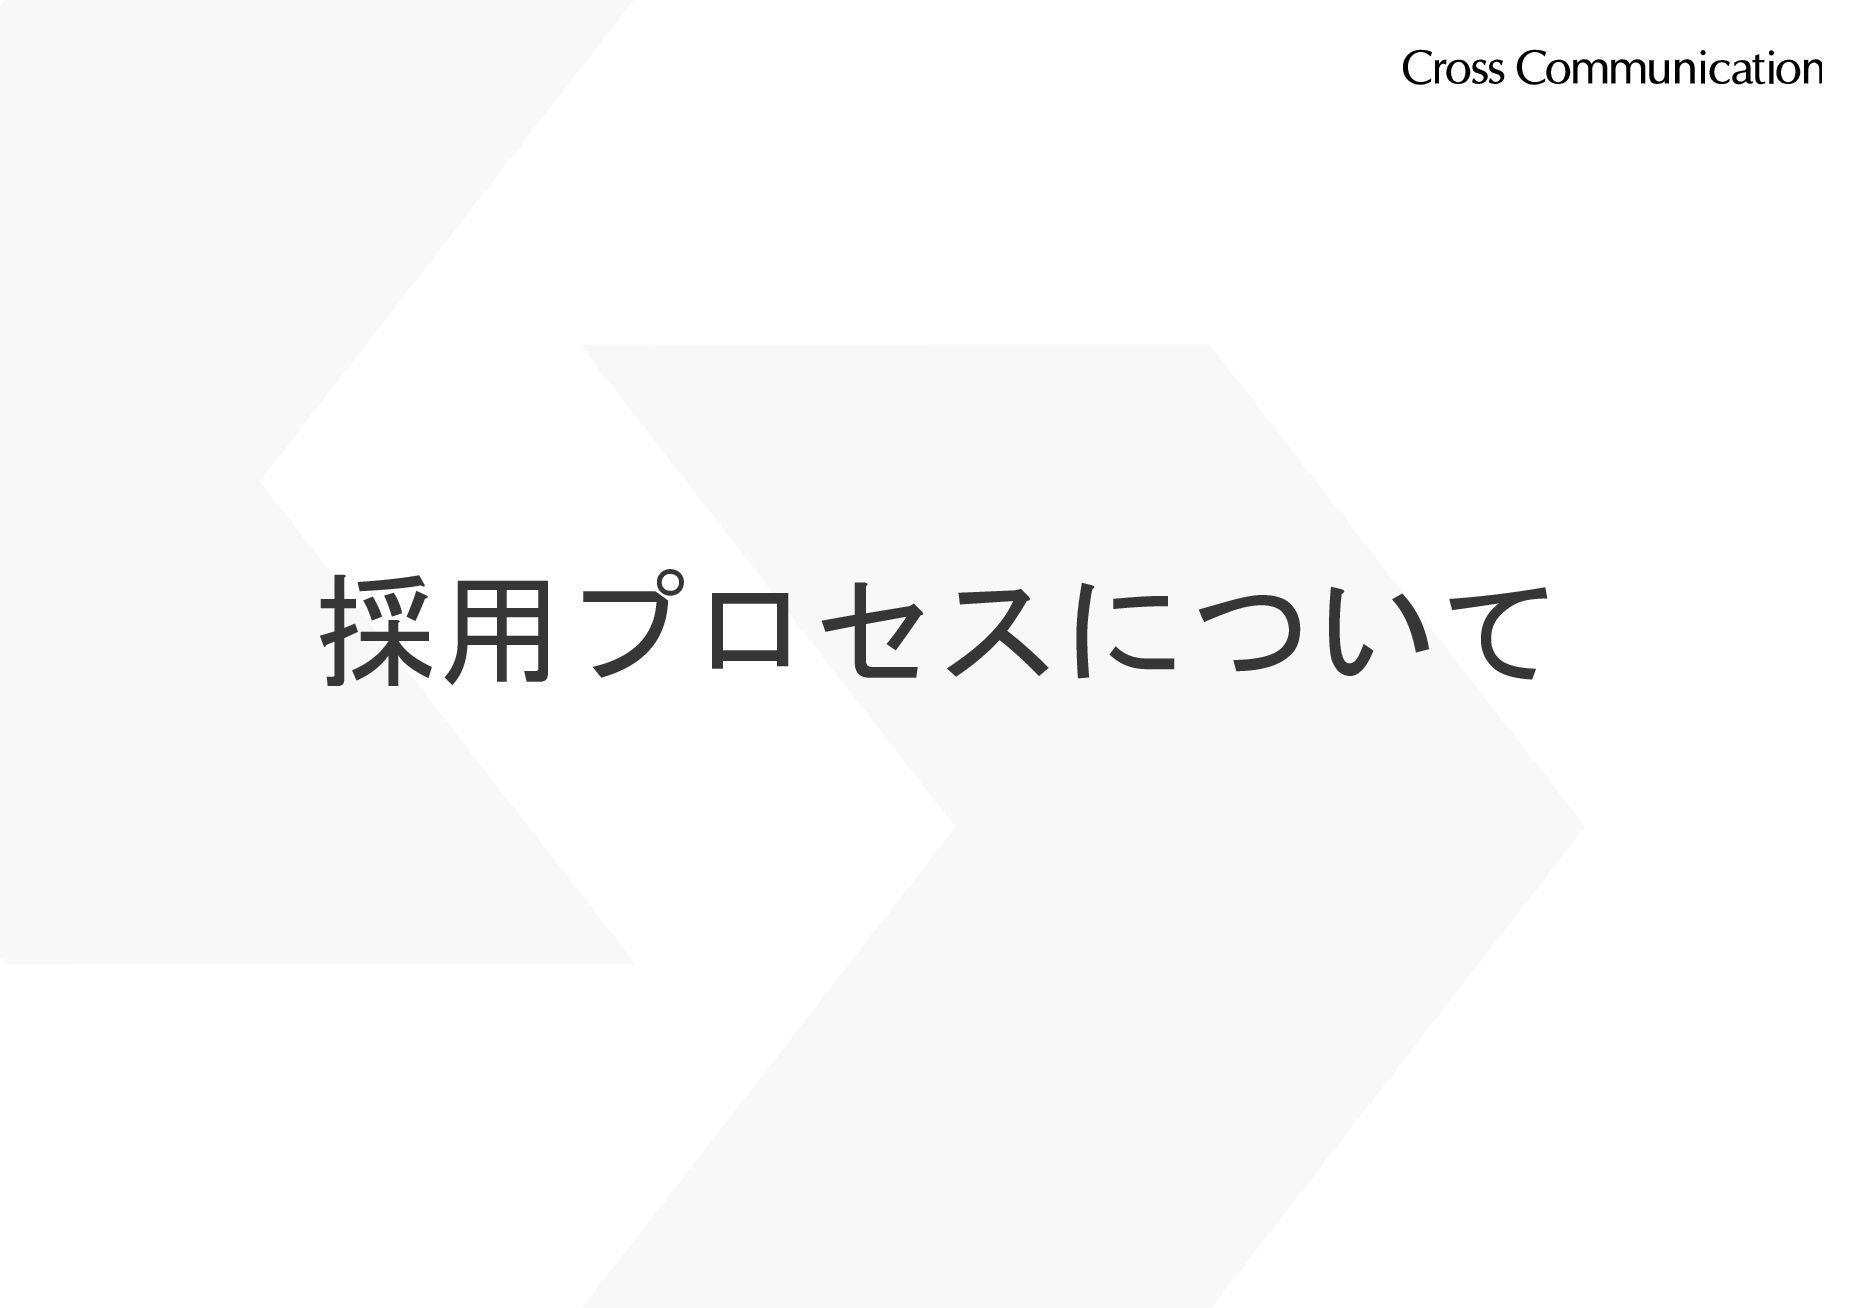 数字で見るCC 21.9 時間 37.5歳 0% 5% 10% 15% 20% 25% 30%...